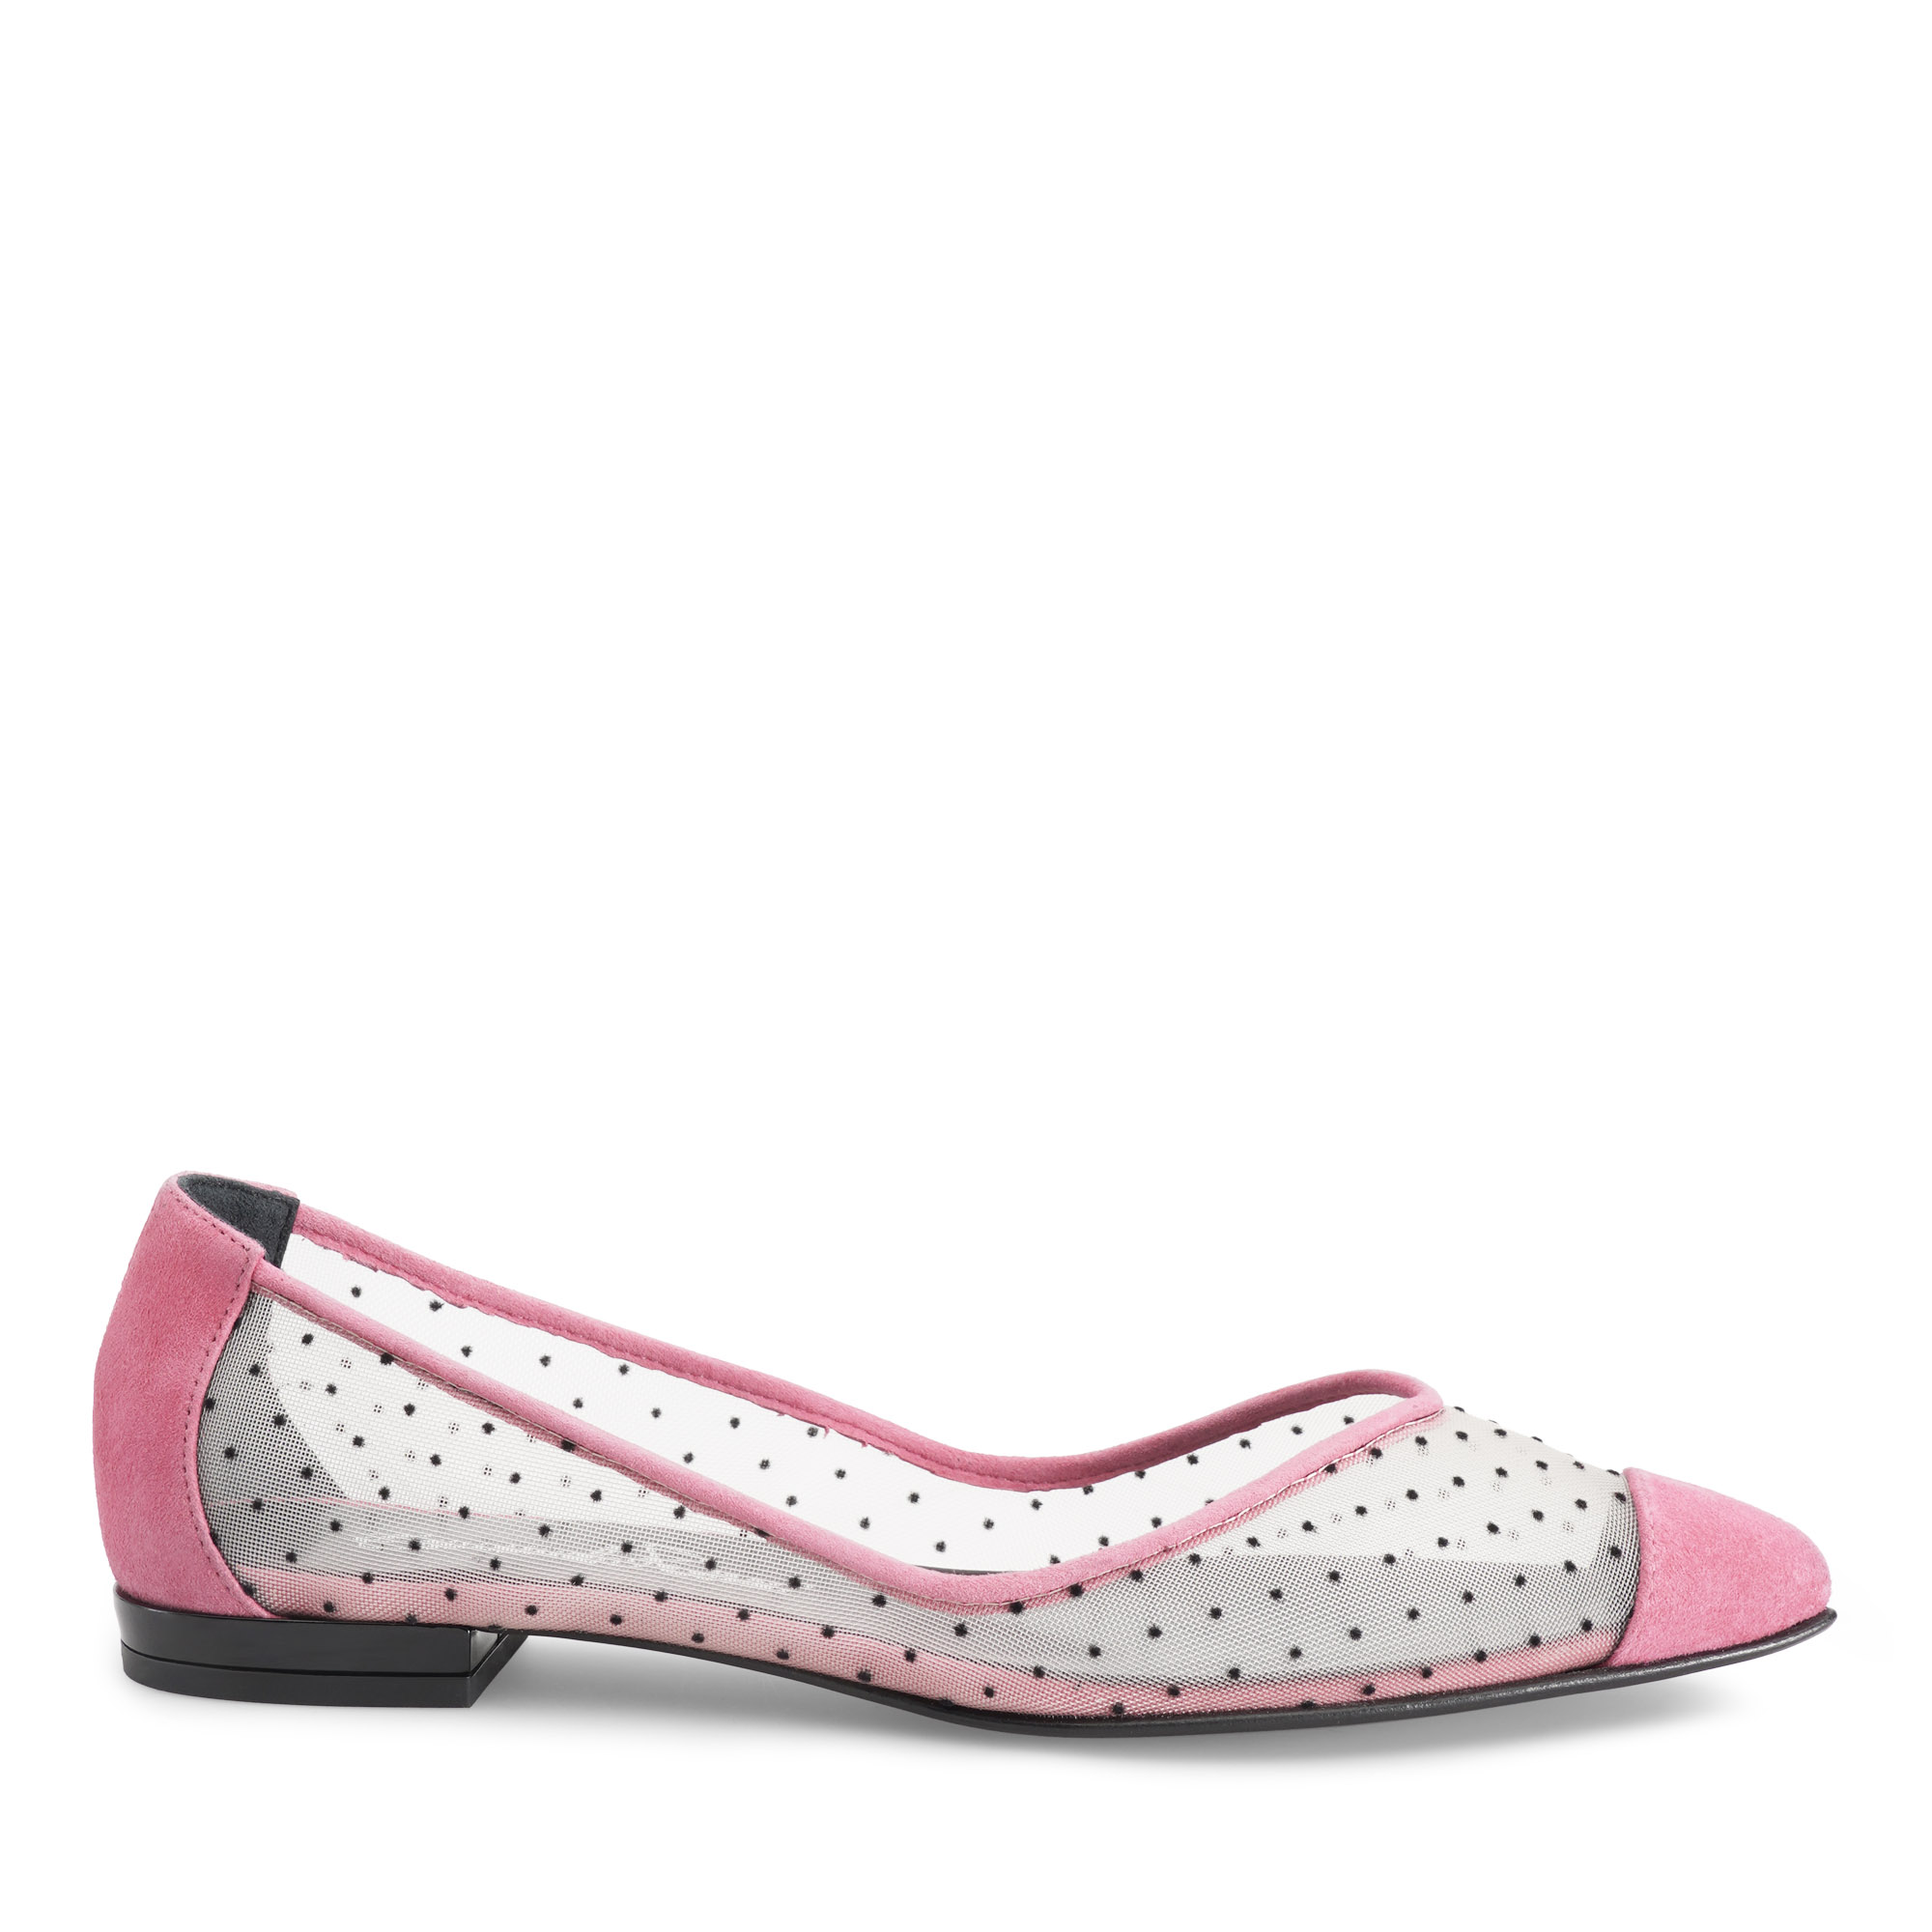 ballerina-donna-camoscio-rete-pois-rosa-fuxia-emanuela-passeri-shoes-heels-spring-summer-2021